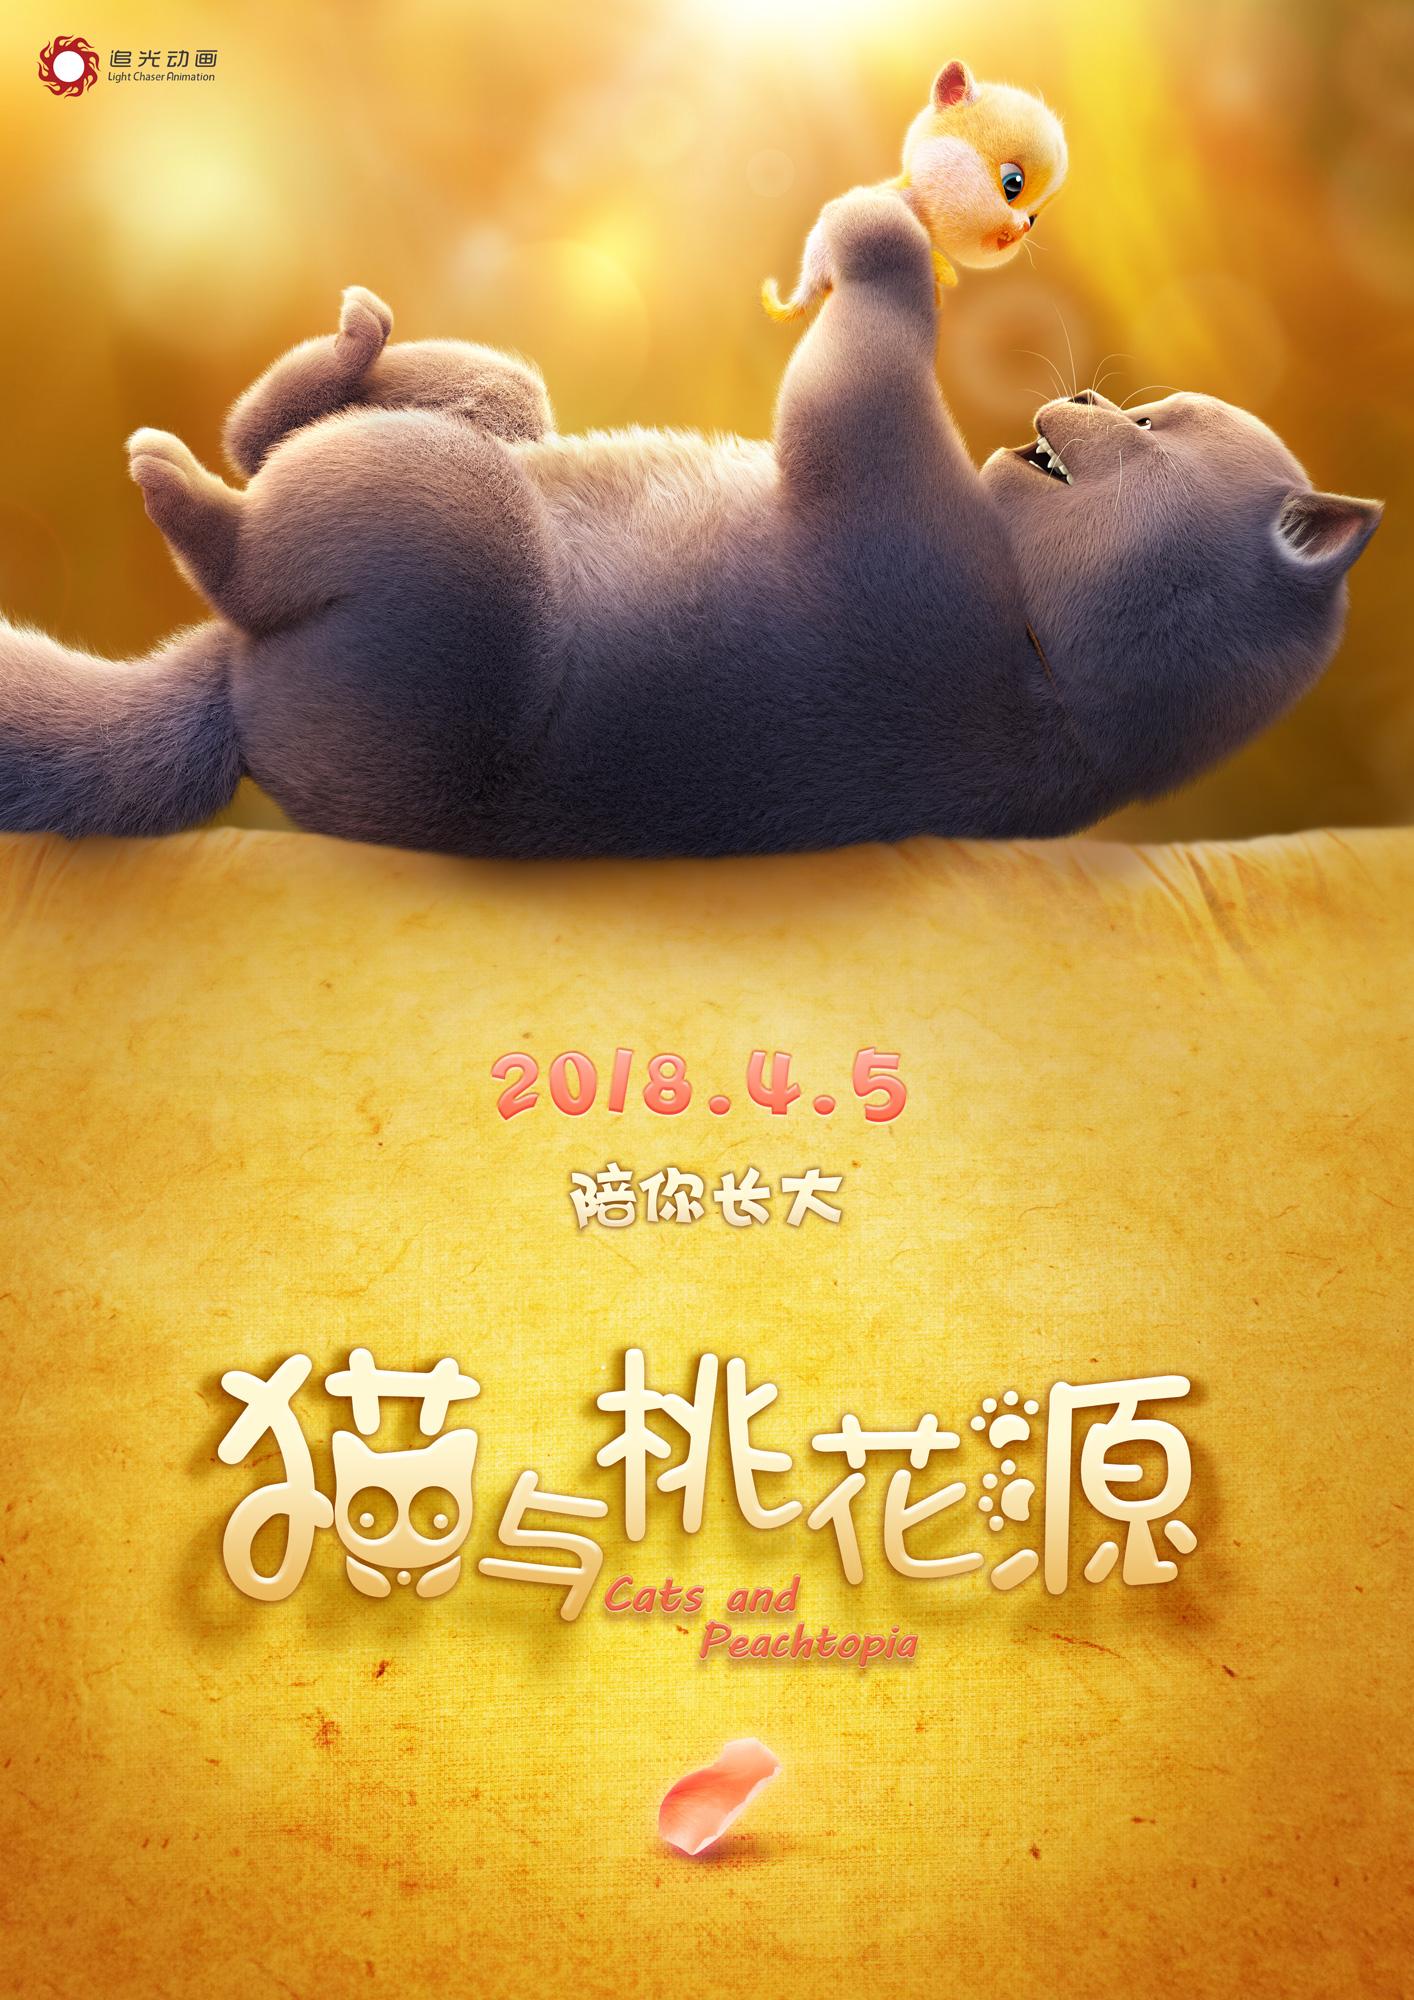 《猫与桃花源》父子情深版海报